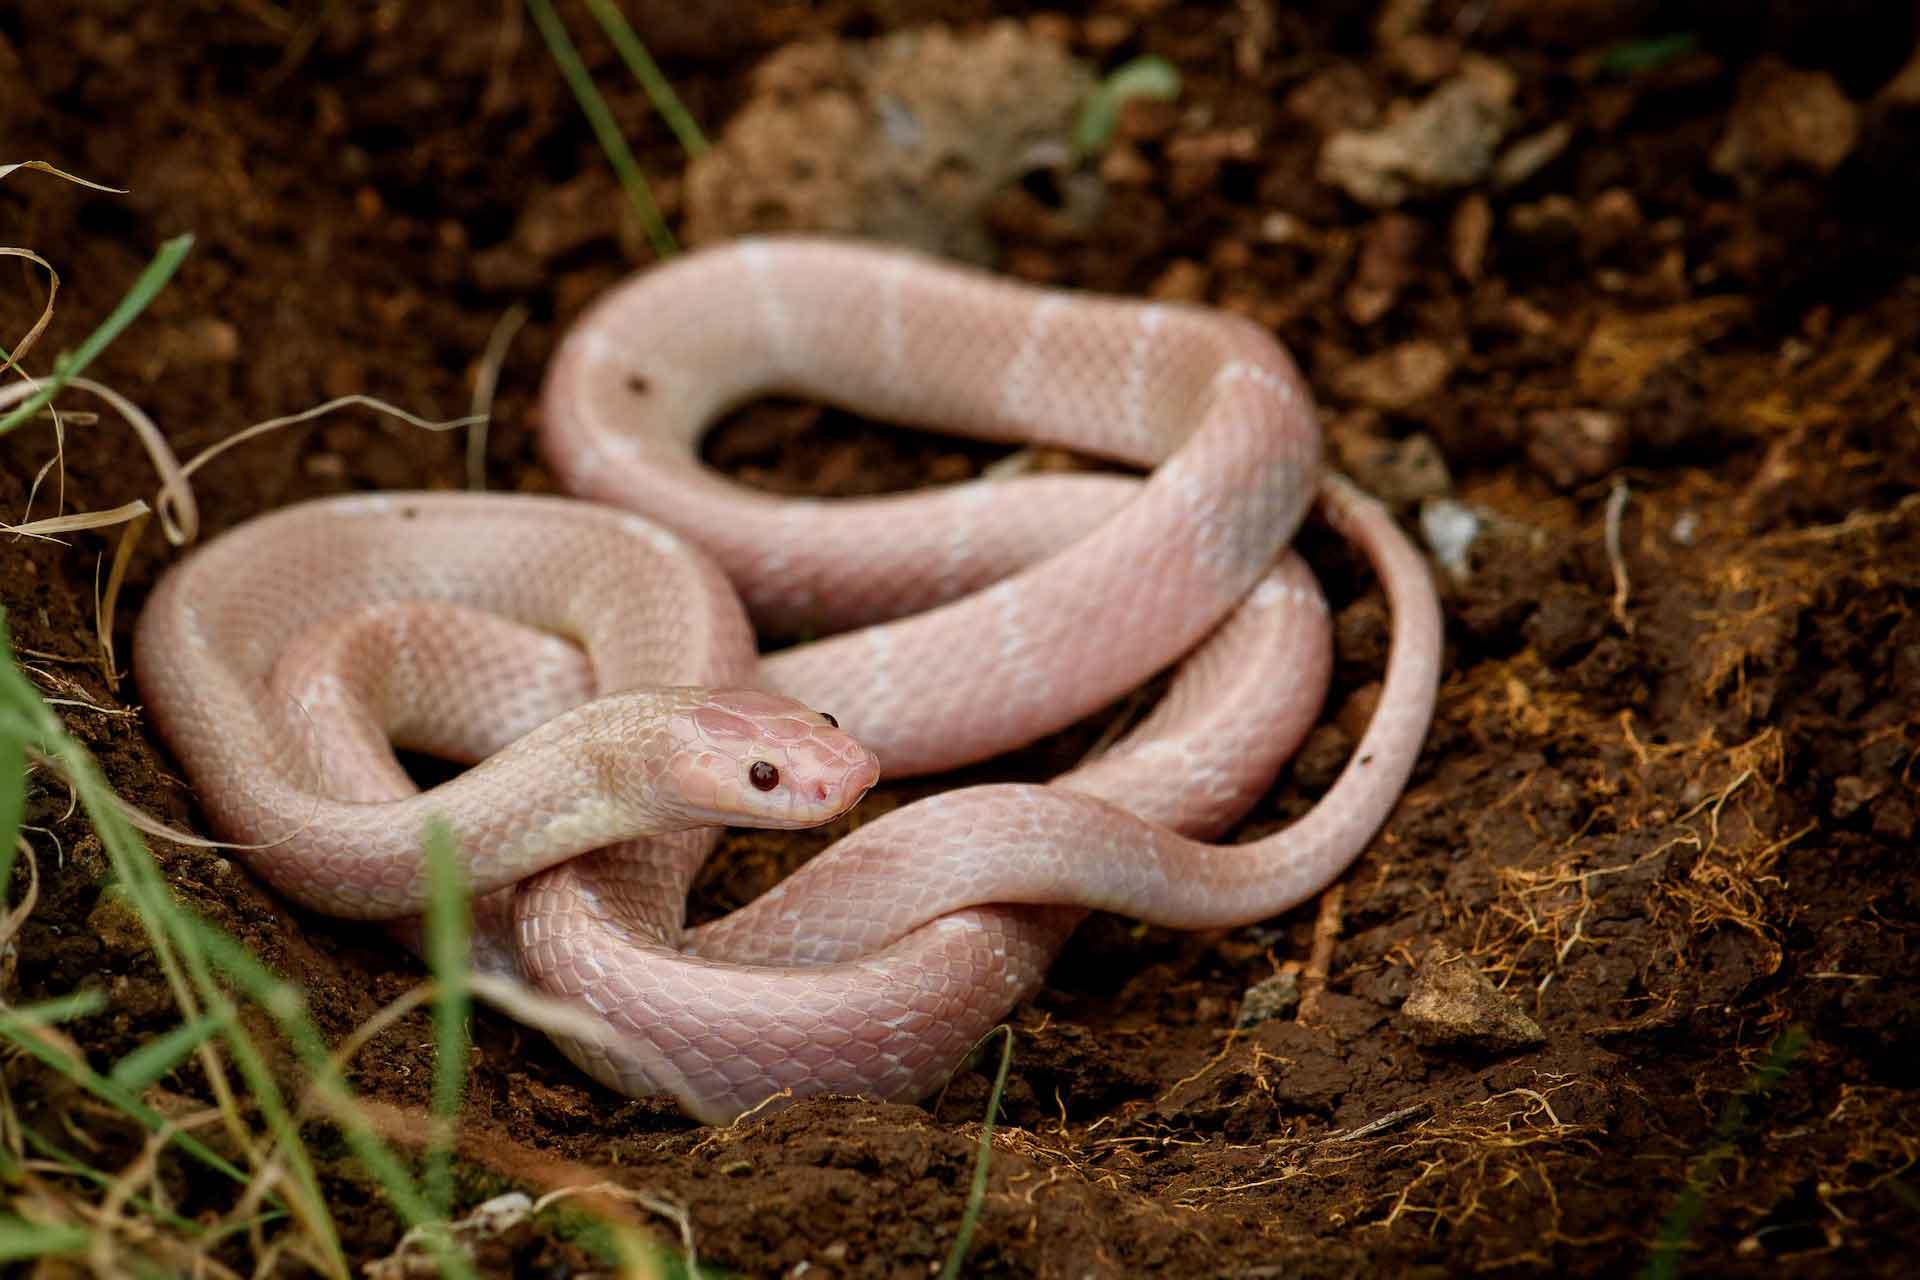 common-indian-krait-bungarus-caeruleus-albino